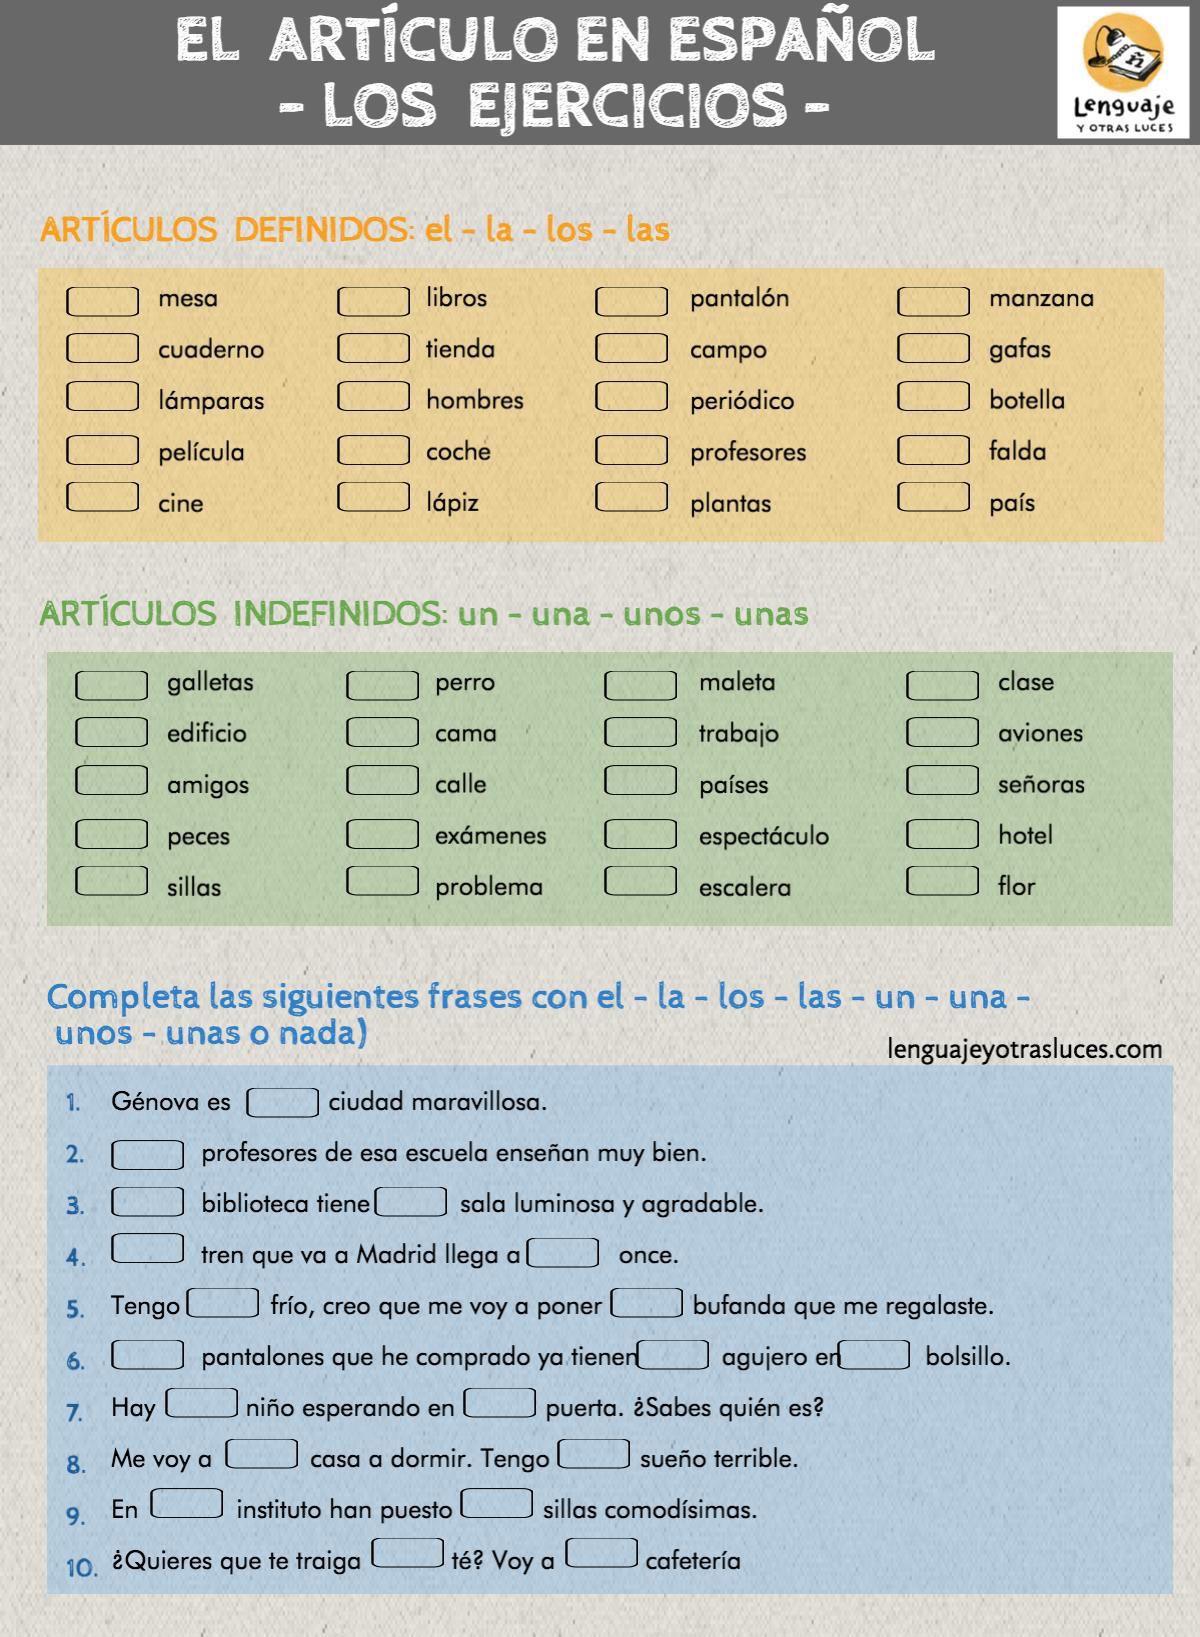 Ejercicios Artículo En Español Ejercicios Para Aprender Español Articulos Español Ejercicios De Español